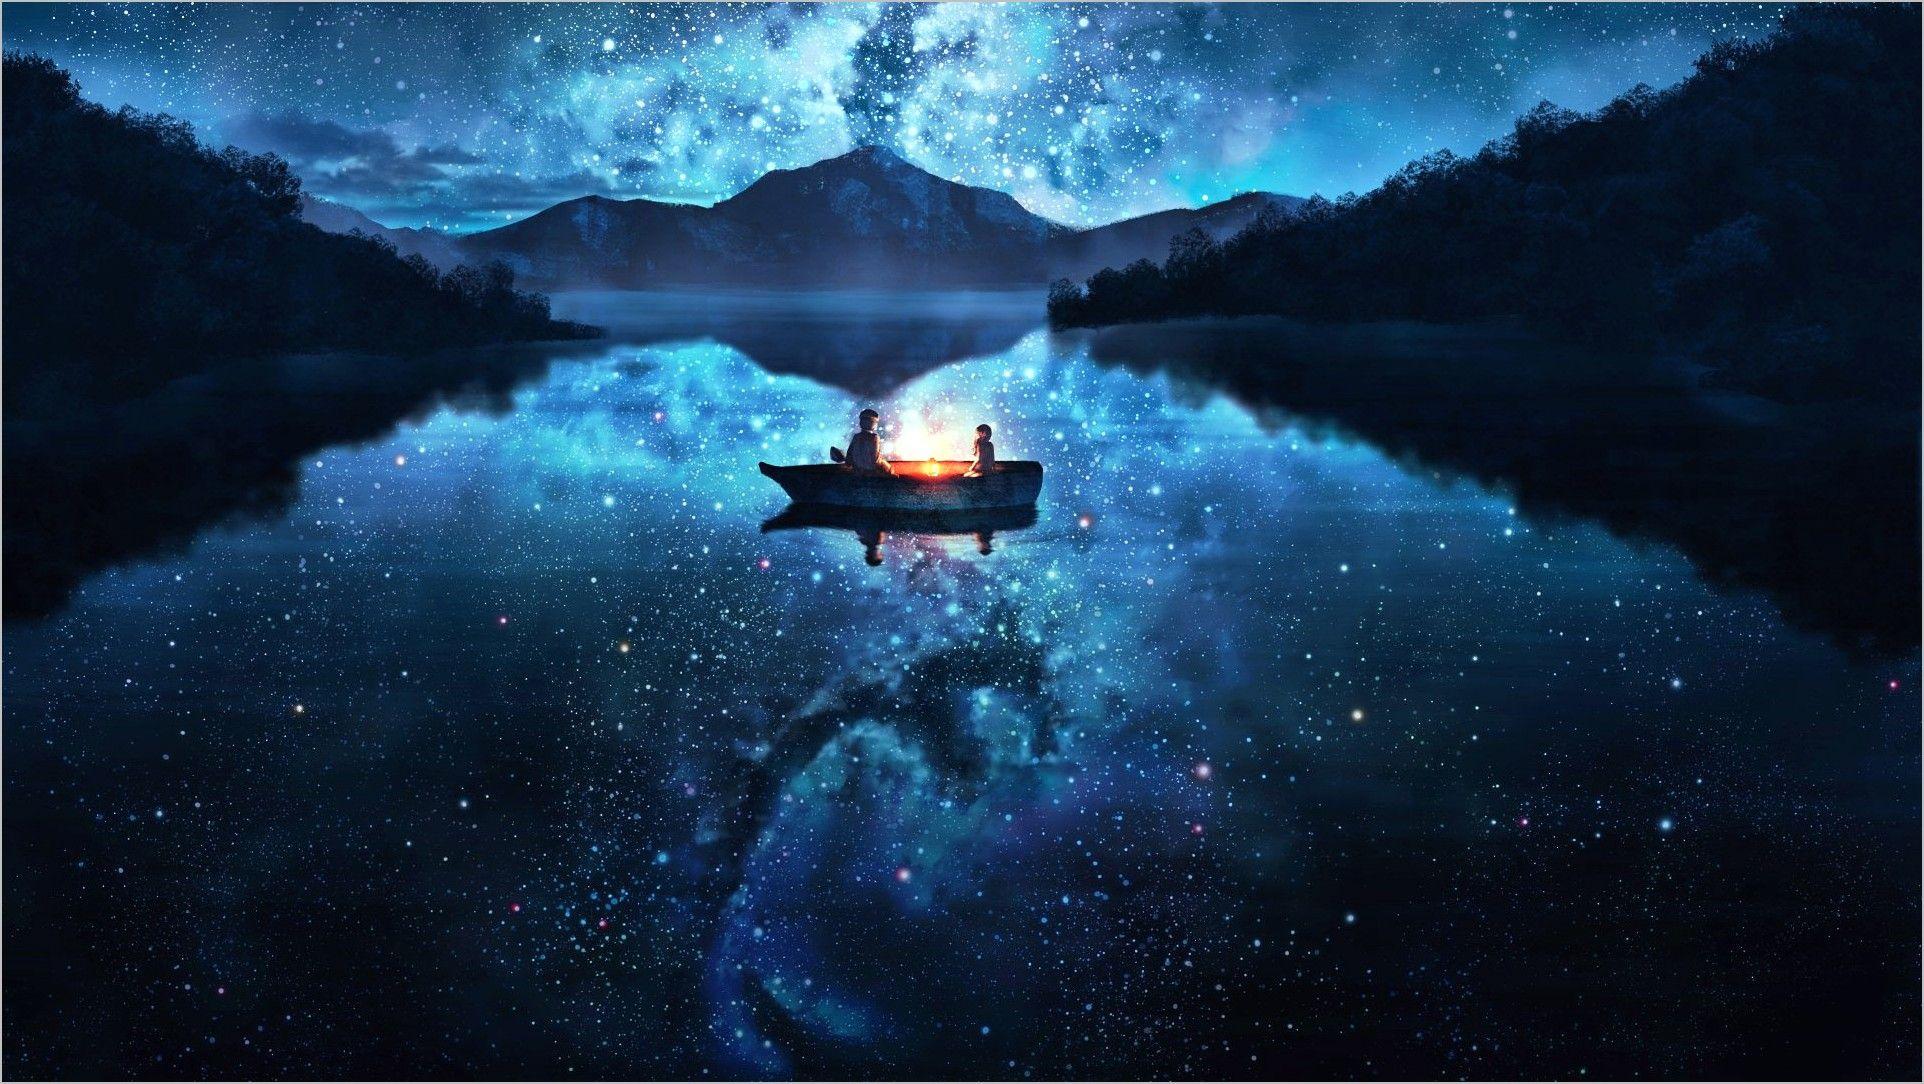 Starry Sky Wallpaper 4k Scenic Wallpaper Anime Wallpaper Wallpaper Backgrounds